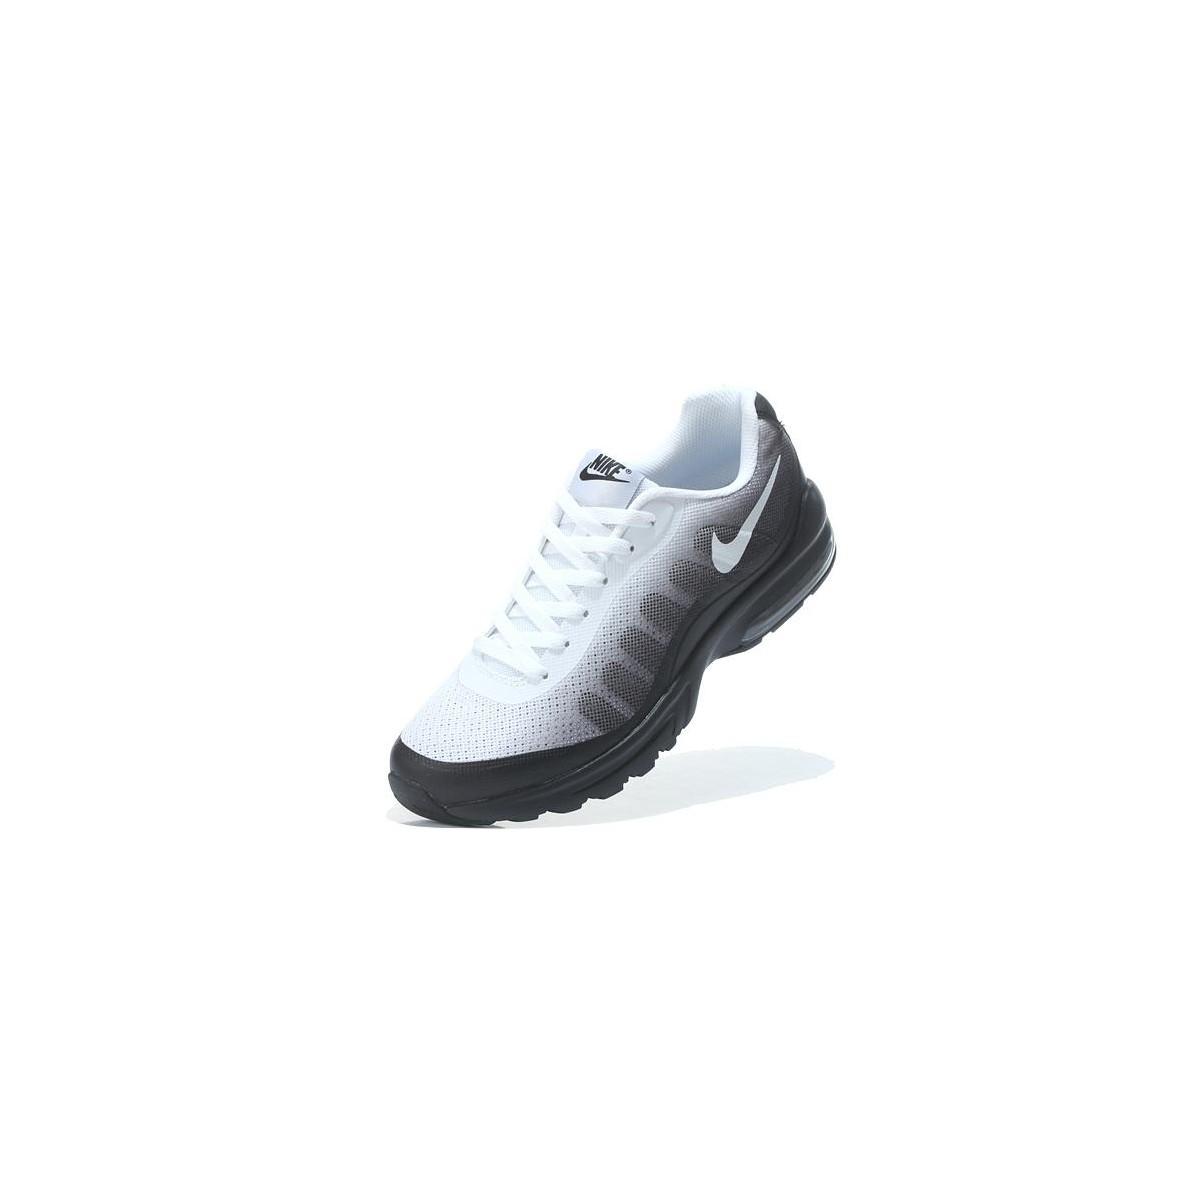 hot sale online d9af0 f72a3 ... Nike Air Max Invigor Print 749688 010 Zapatillas Hombre Negras y Blancas